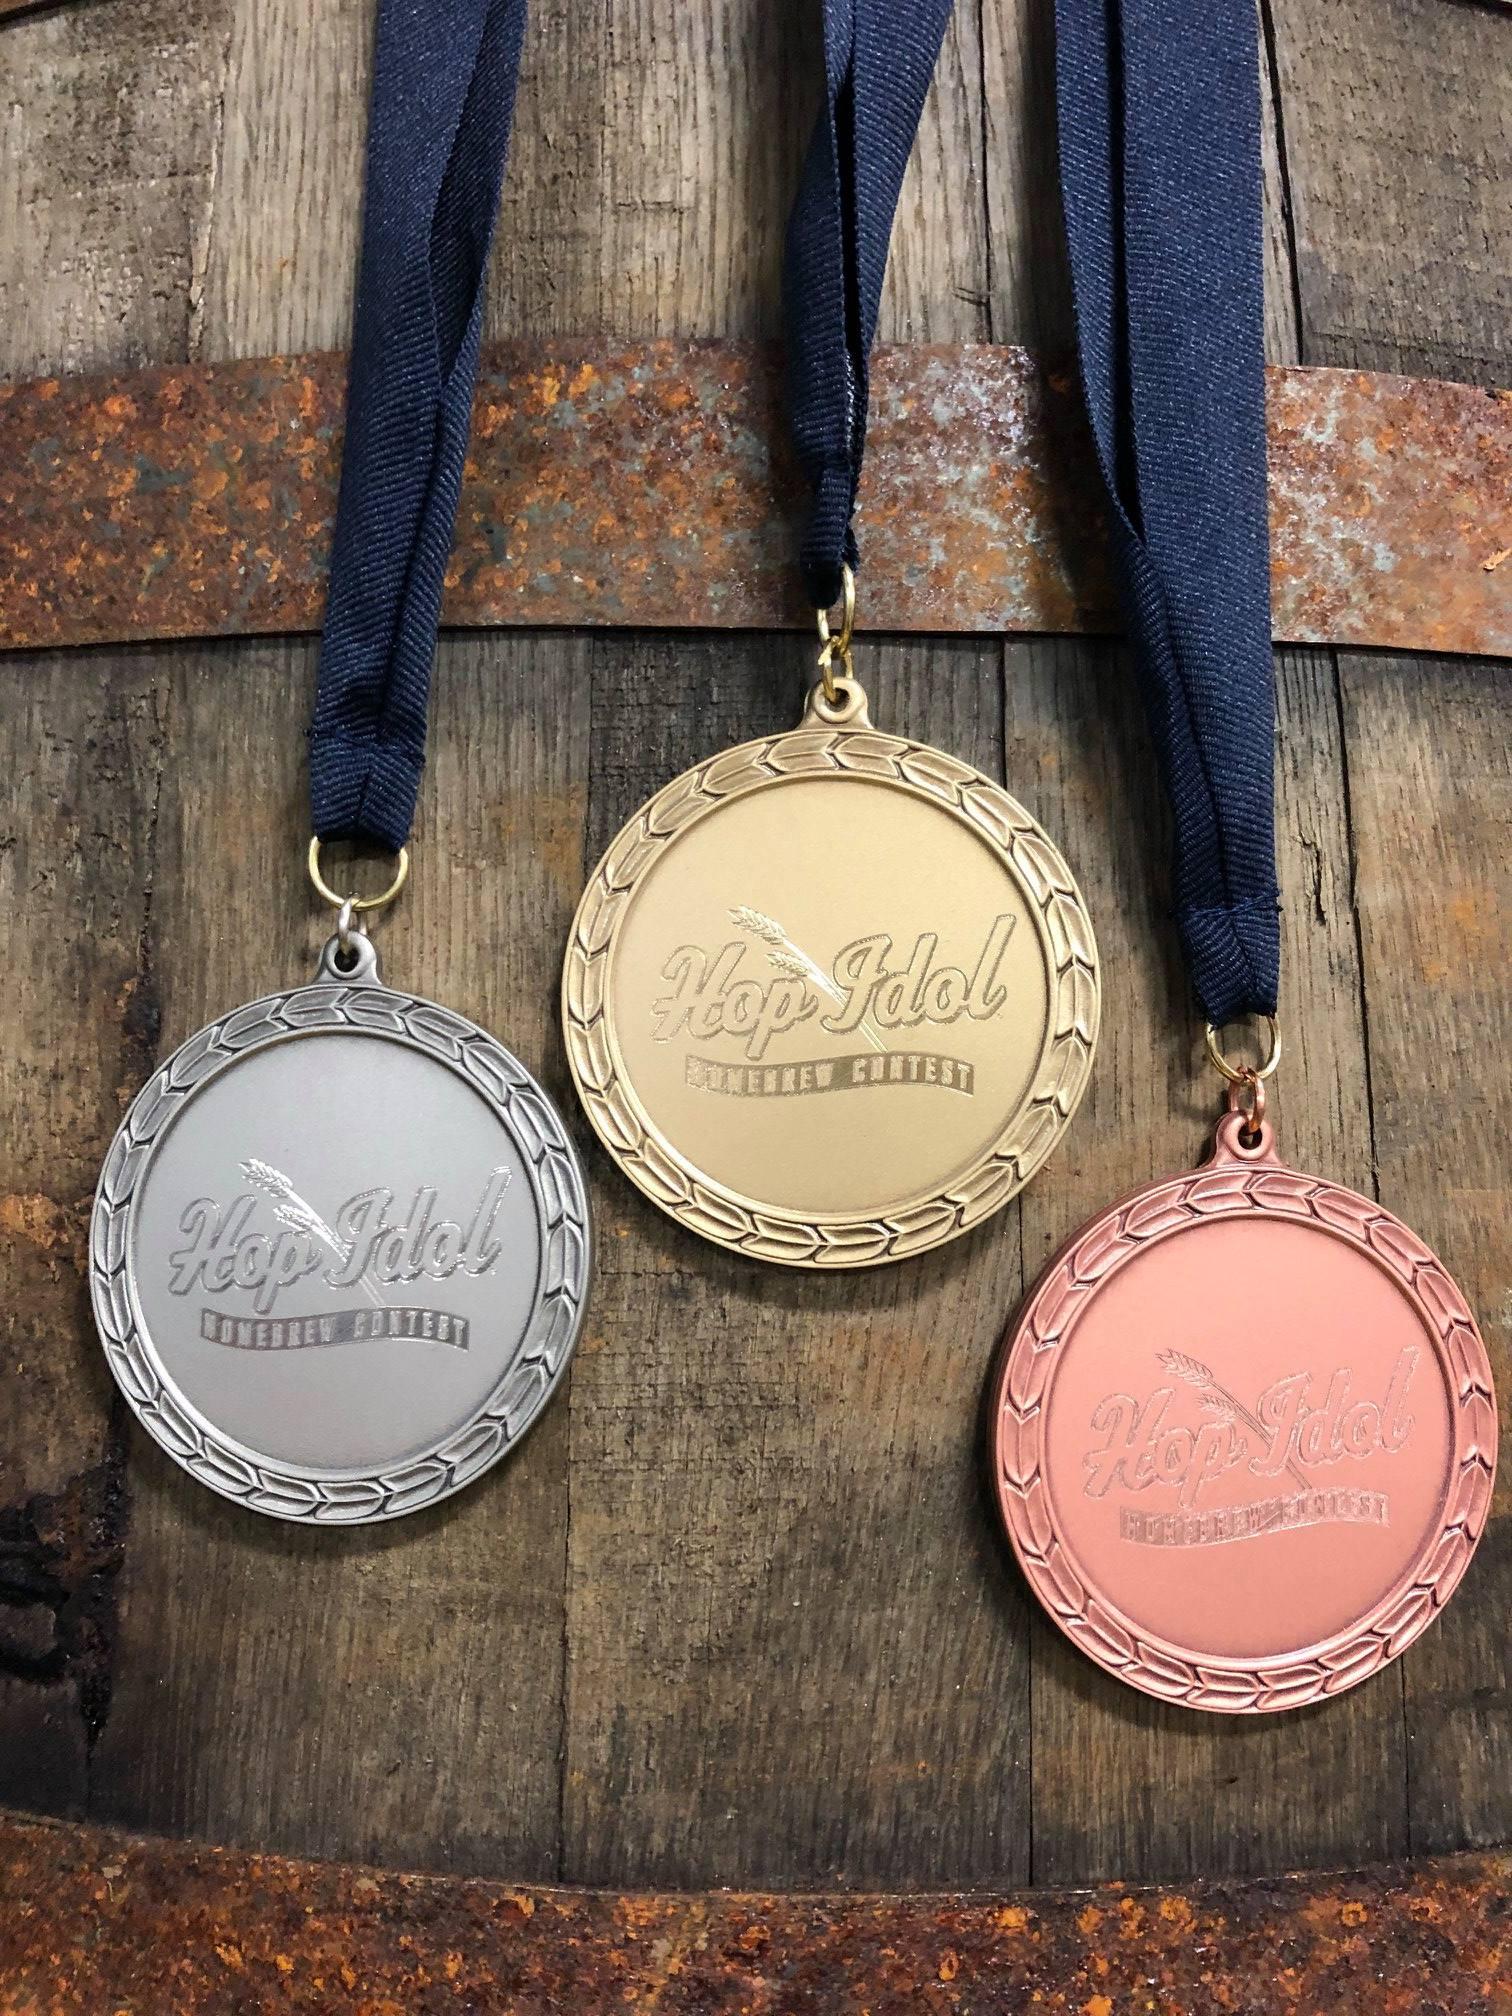 image of Hop Idol Medals courtesy of Reuben's Brews